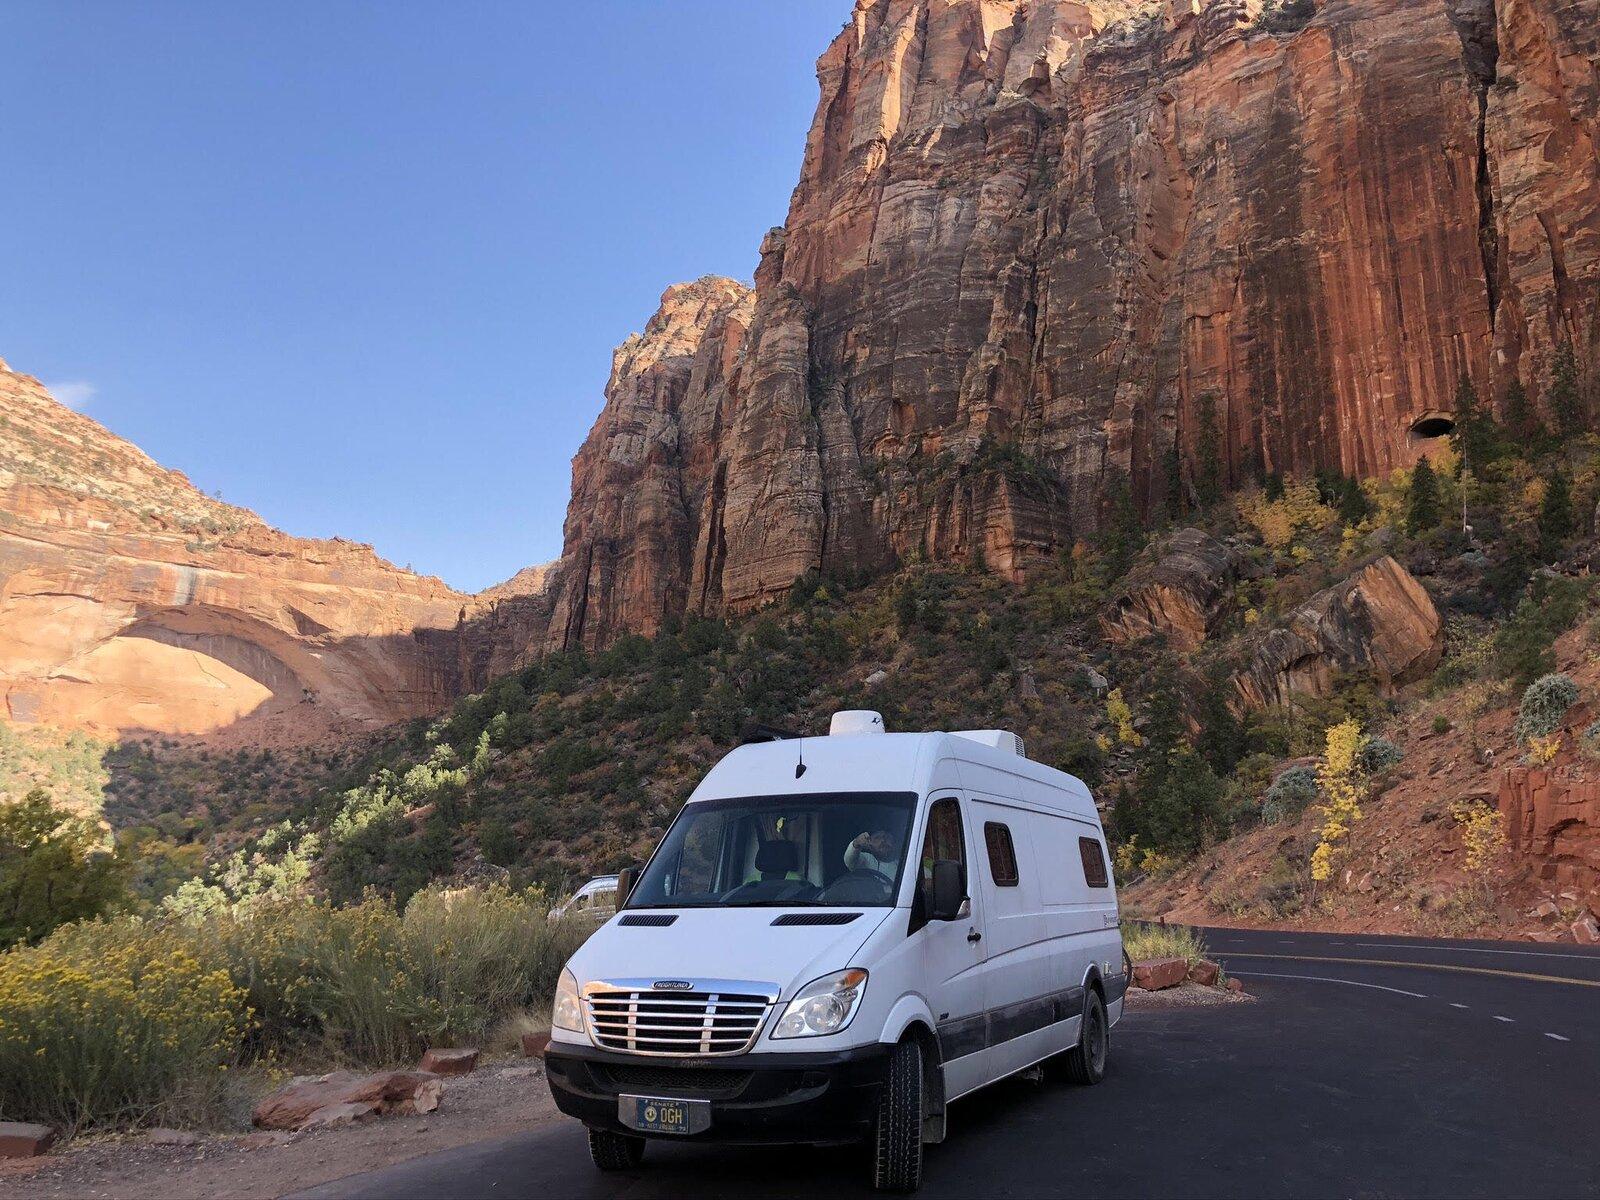 Vanessa the Van